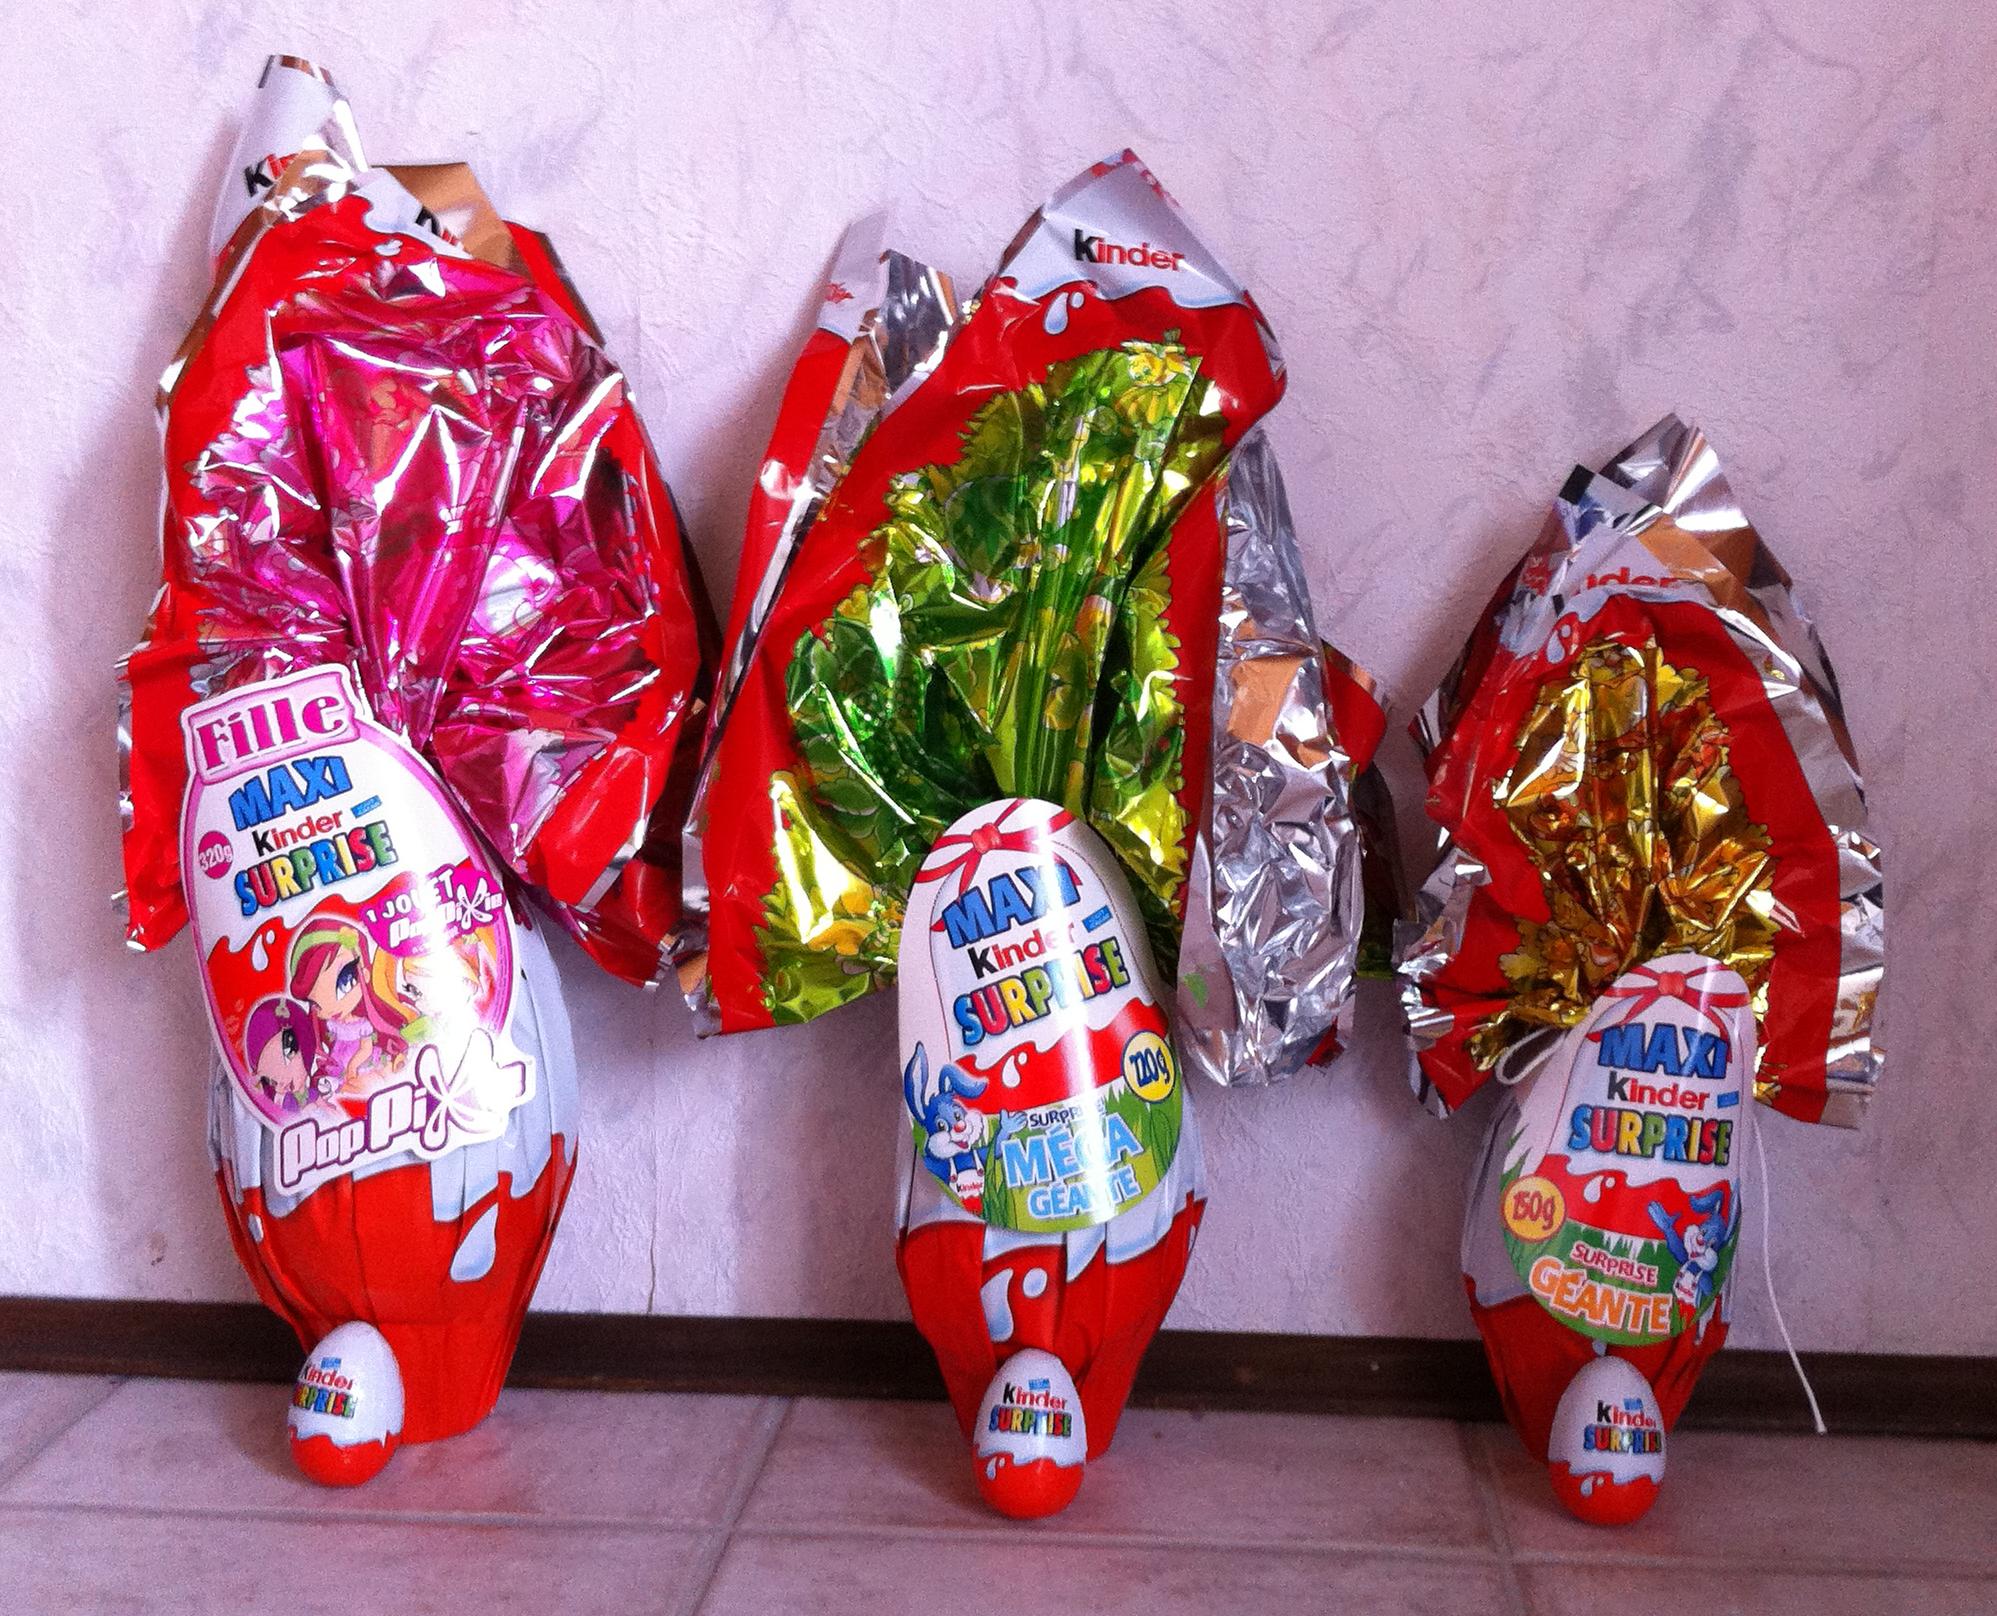 kinder surprise eggs online ukele